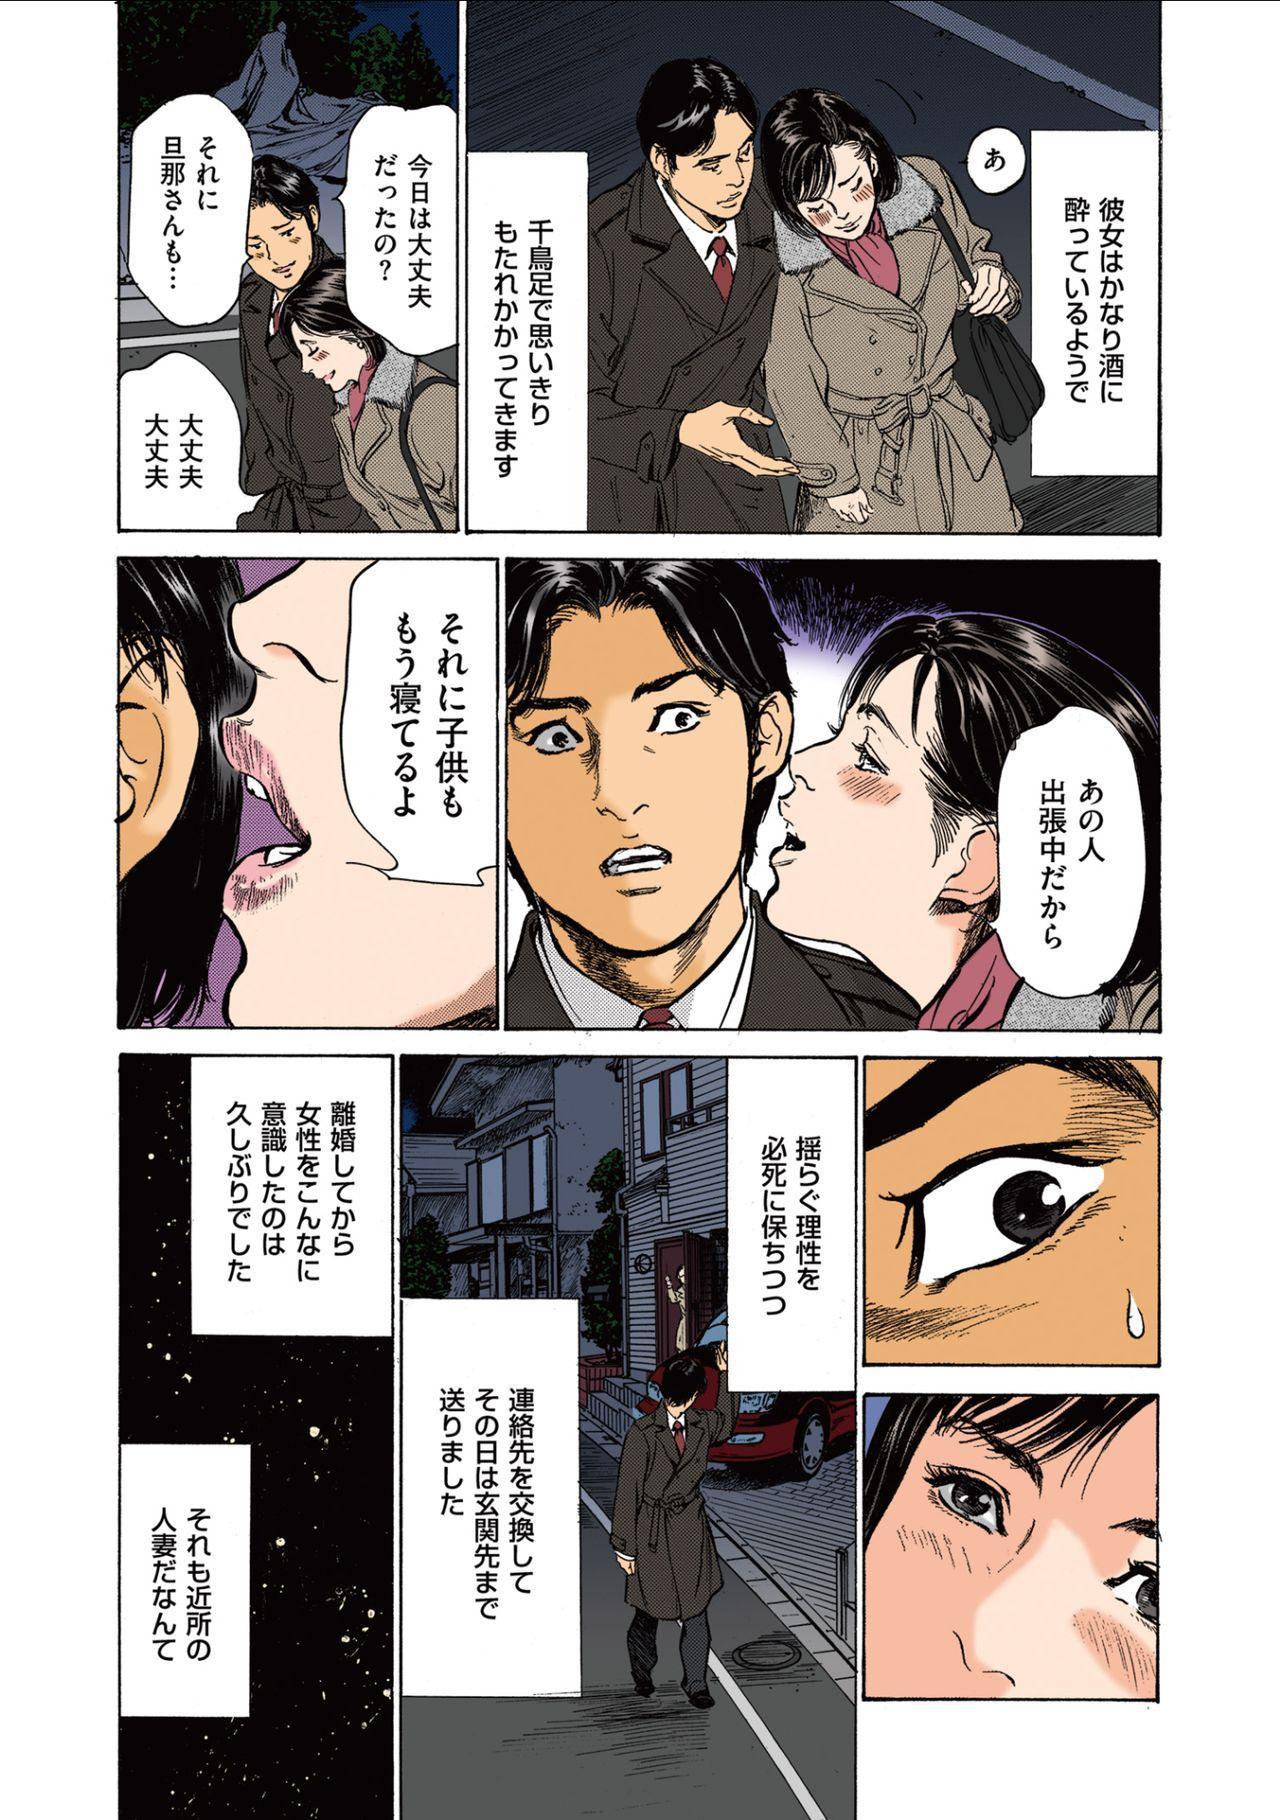 [Hazuki Kaoru] Hazuki Kaoru no Tamaranai Hanashi (Full Color Version) 1-2 88